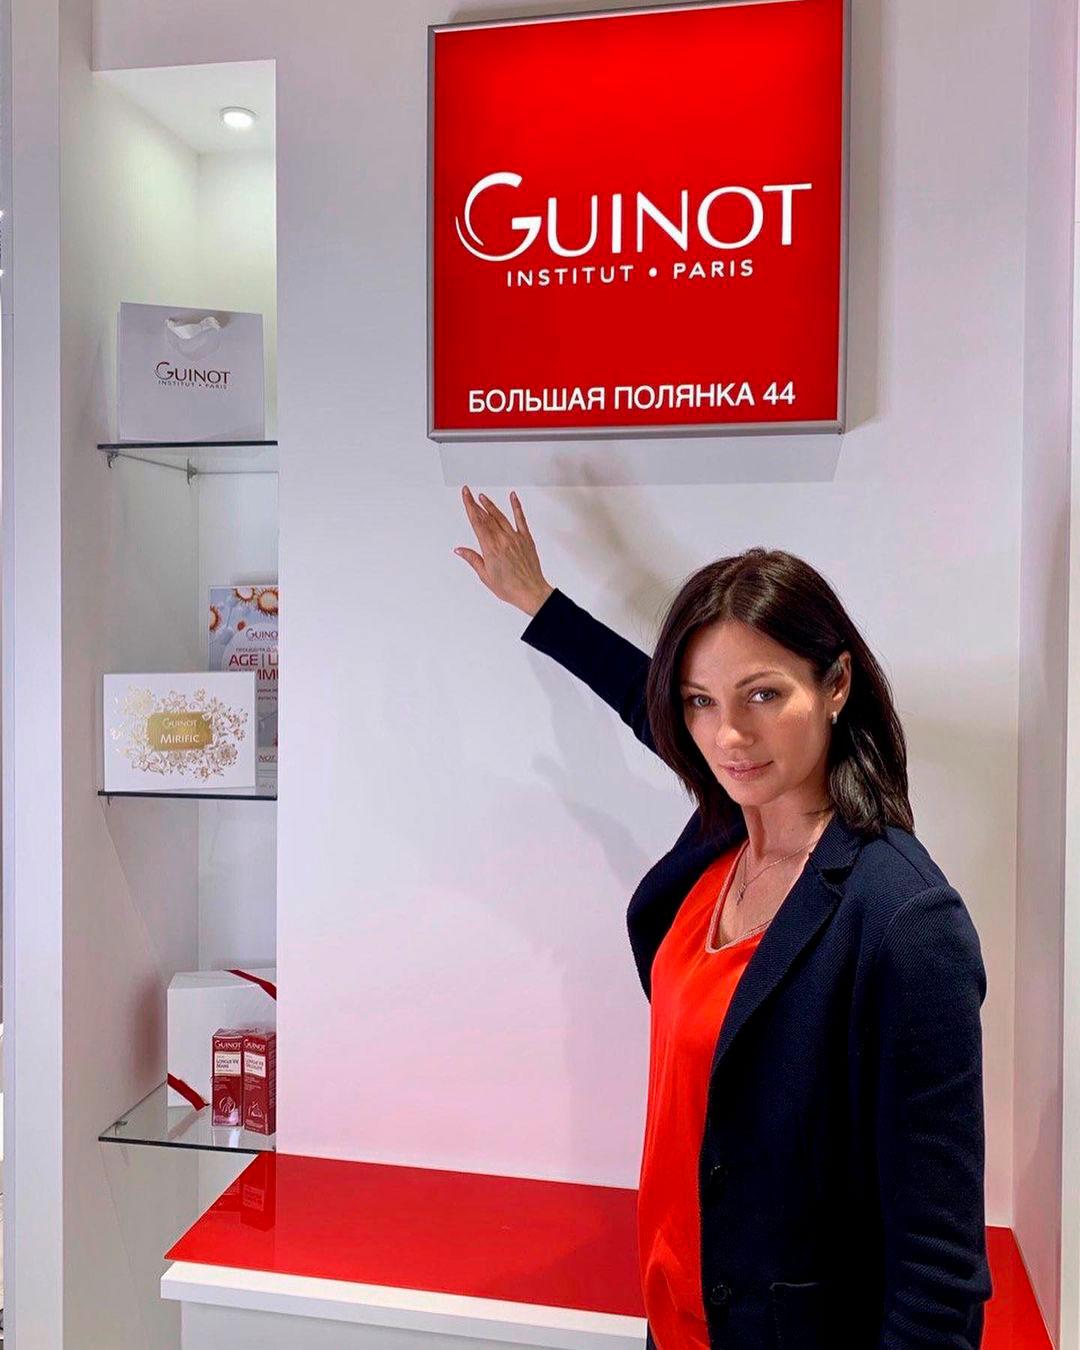 Новый салон Guinot Institute Paris в Москве